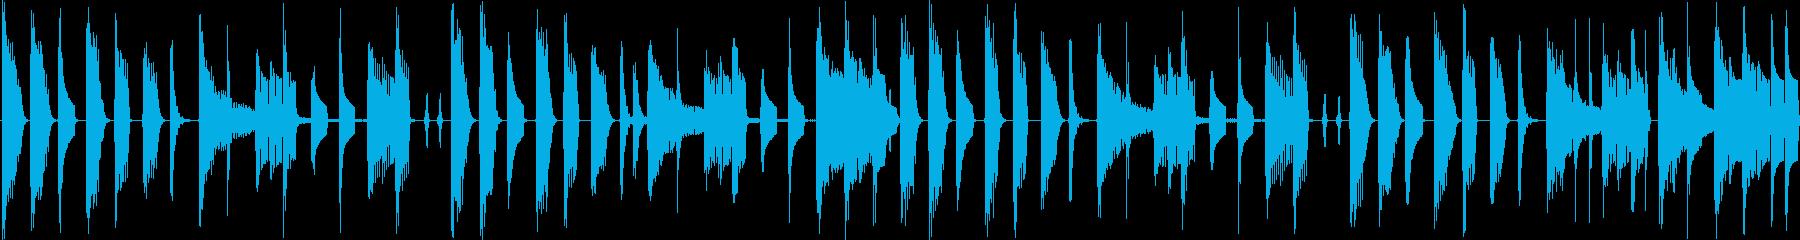 可愛らしい電子音が特徴のテクノポップの再生済みの波形